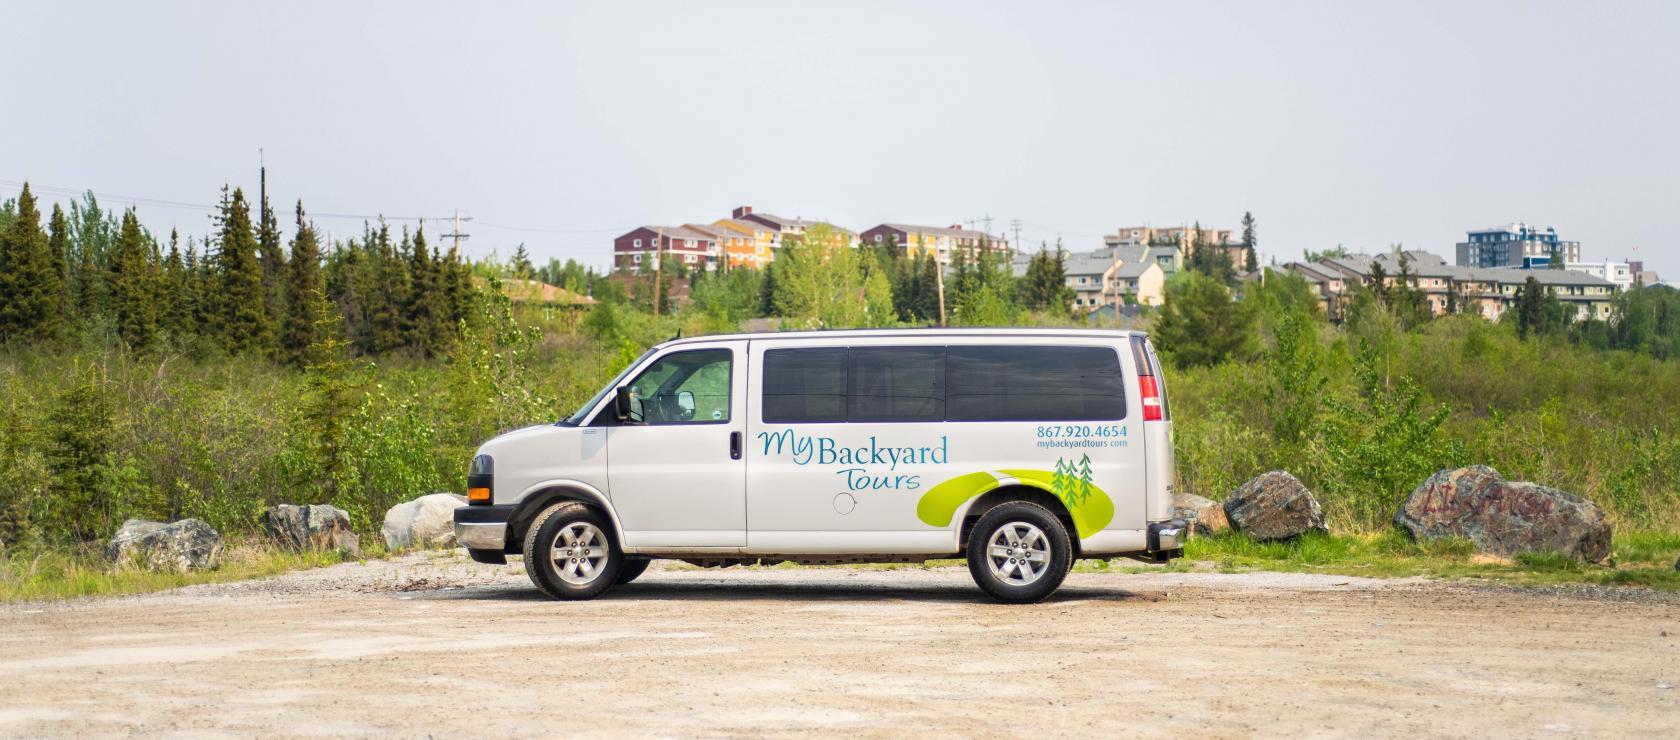 My Backyard Tours, Yellowknife 2